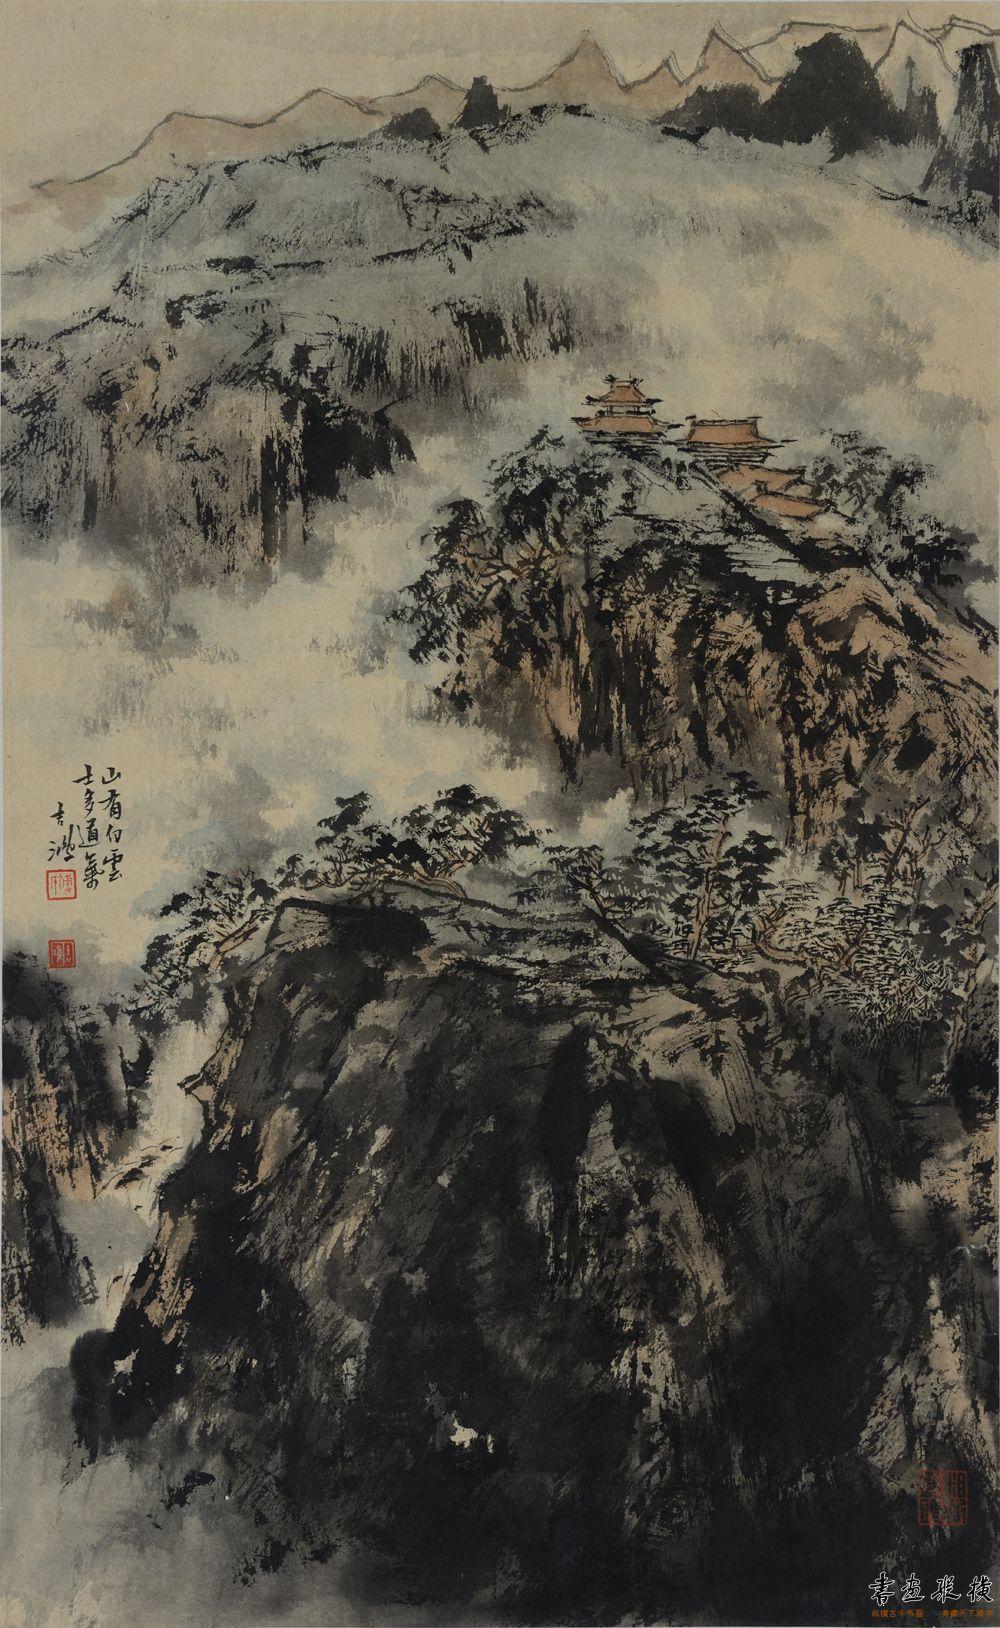 傅吉鸿 山有白云士多道气  47×76cm 纸本水墨 2011年